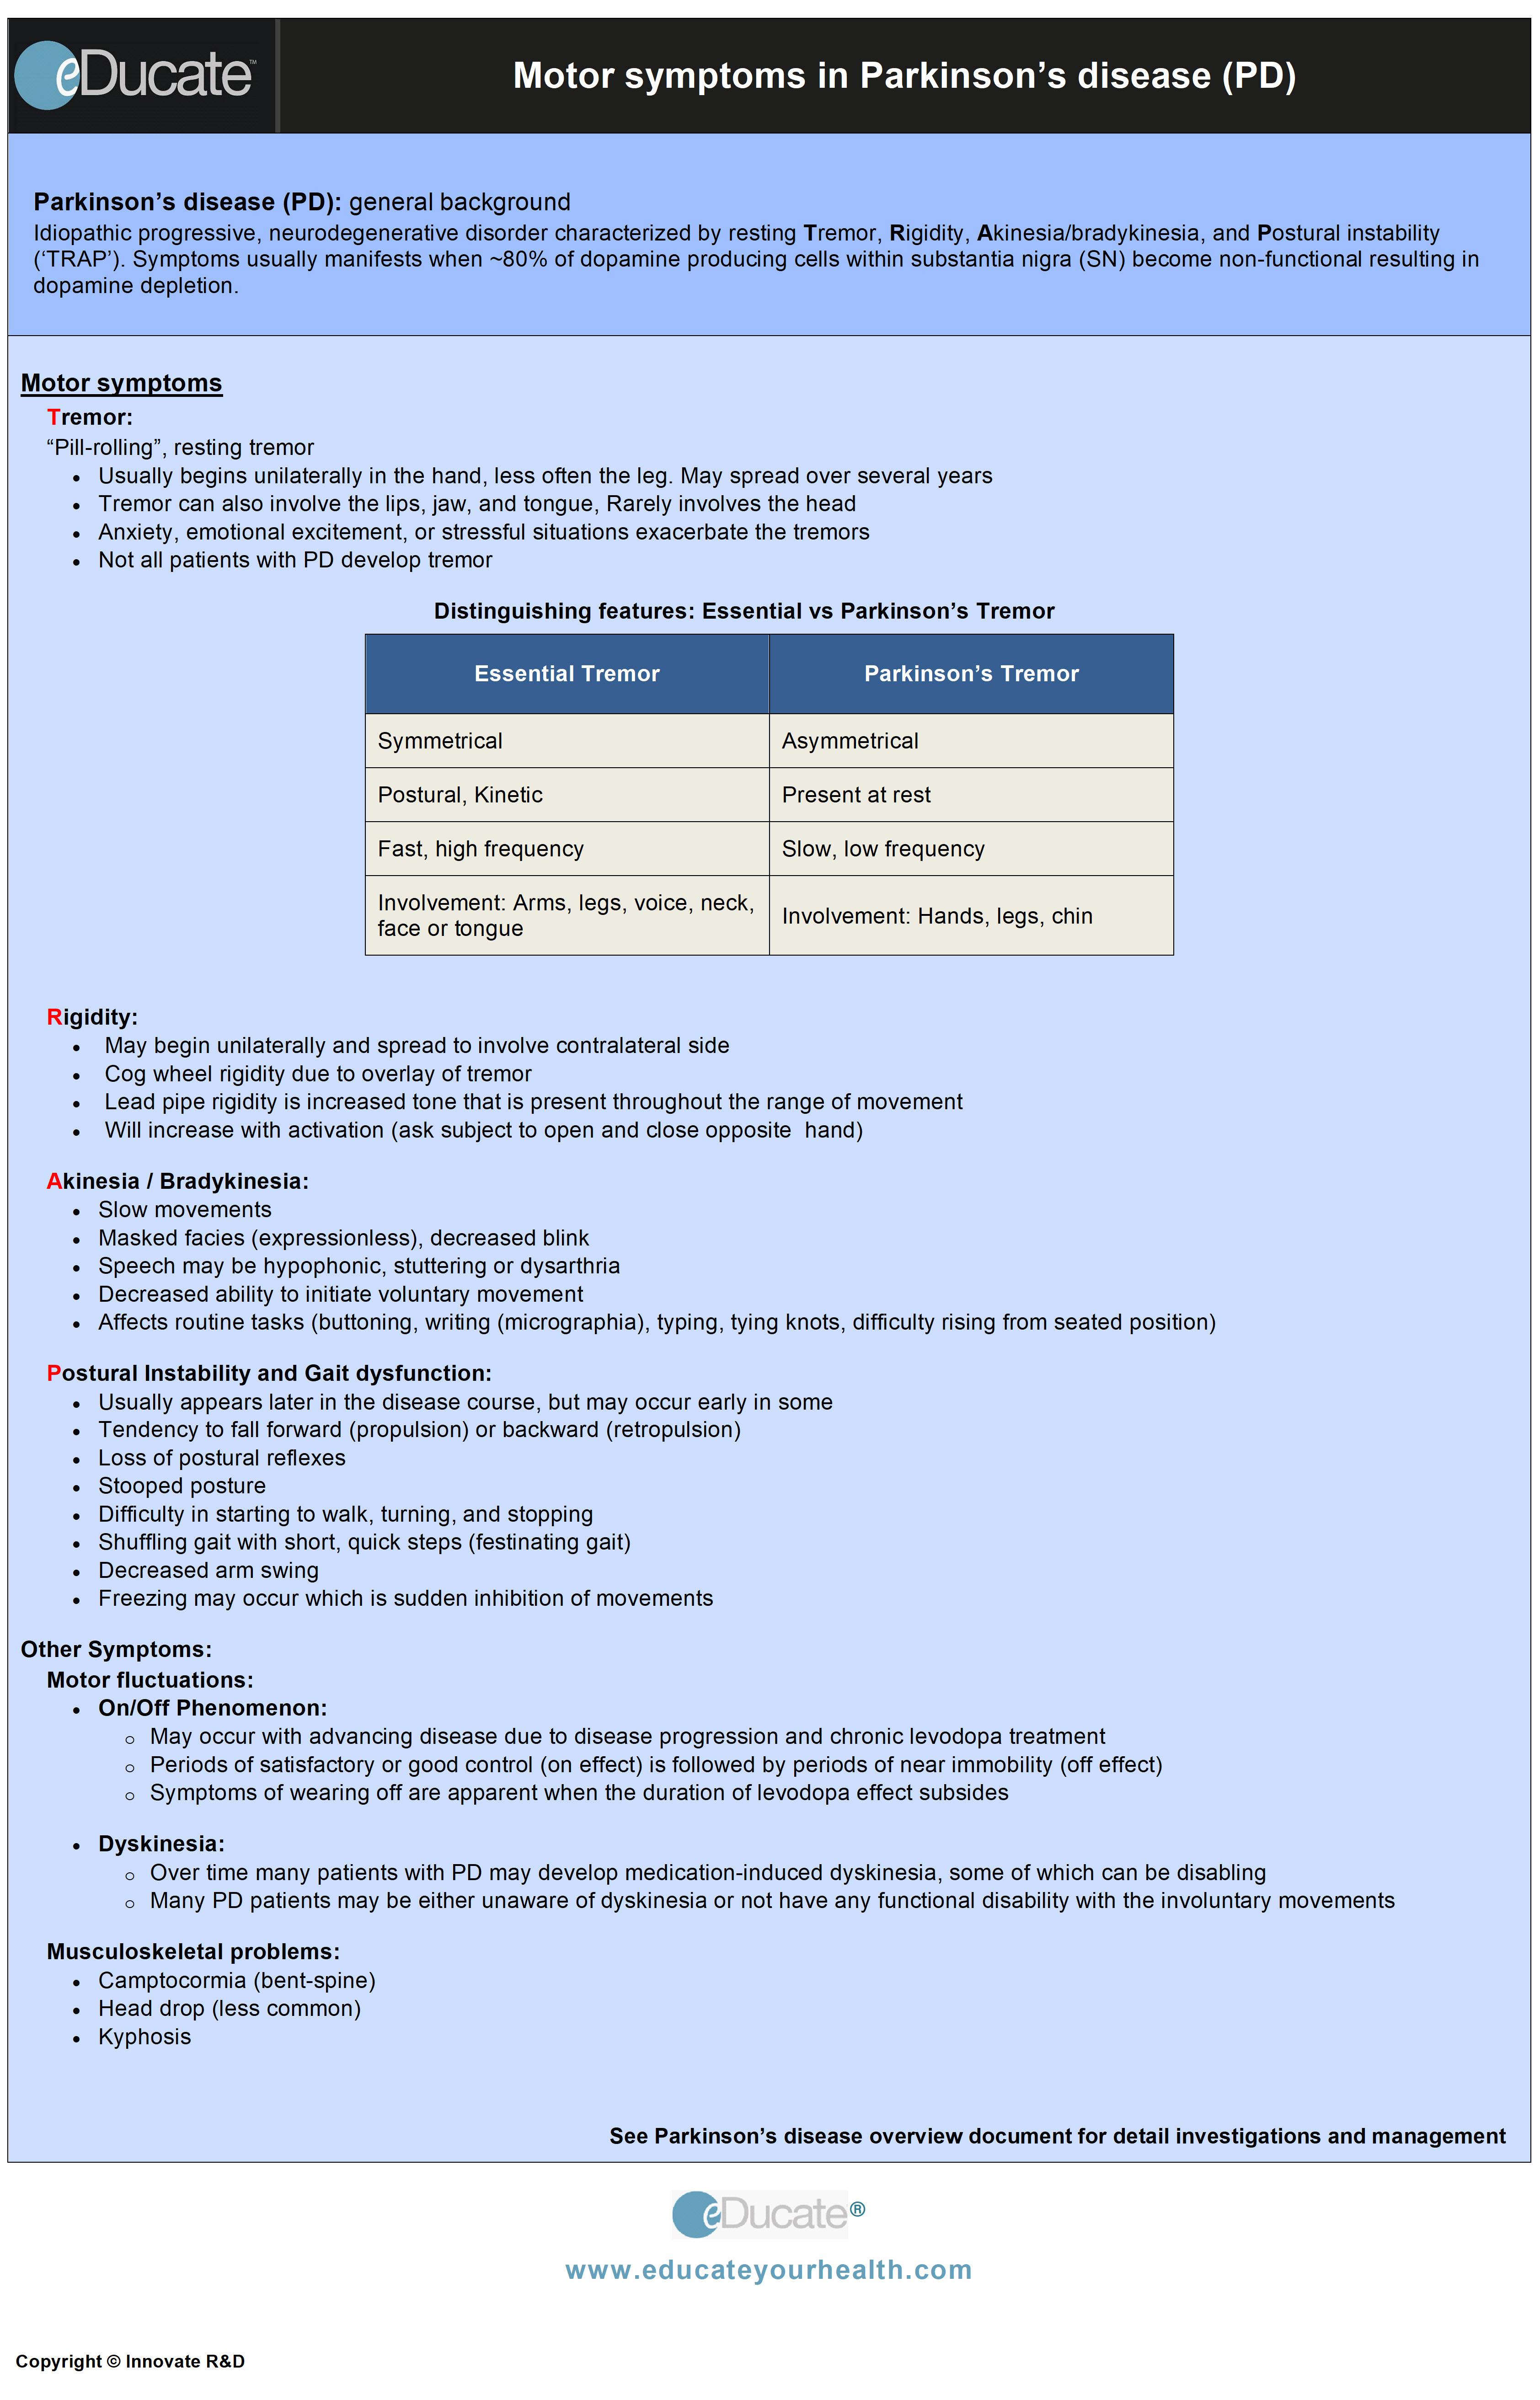 Motor symptoms in Parkinson's disease (PD)